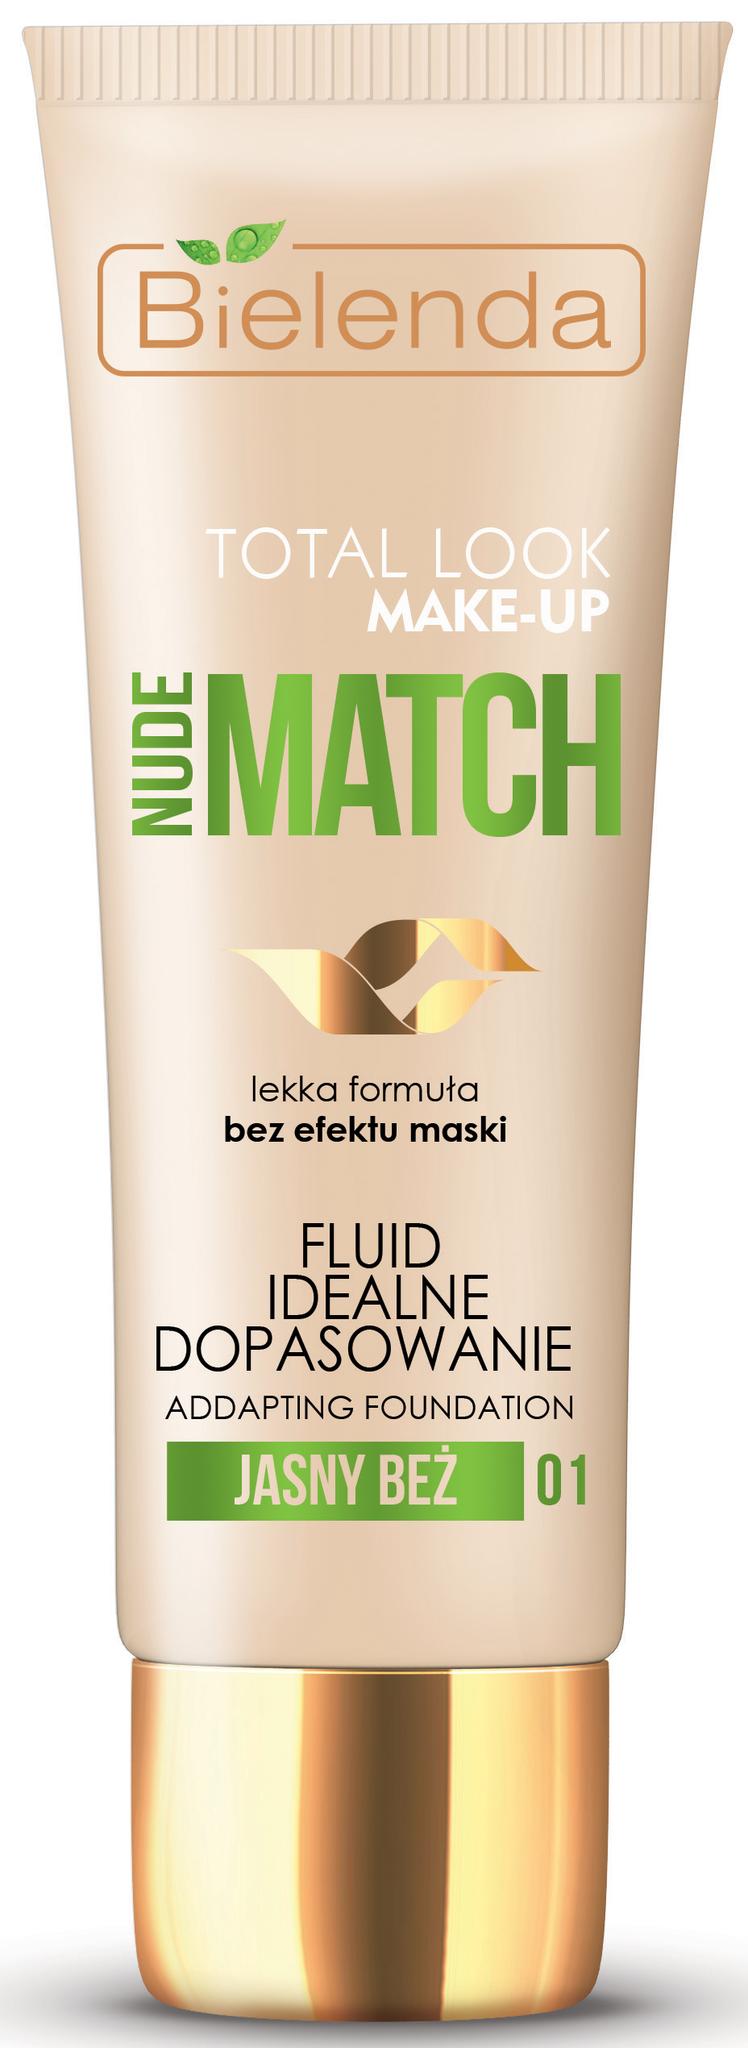 TOTAL LOOK MAKE-UP Тональный крем адаптирующийся под цвет кожи NUDE MATCH - светло бежевый 30гр